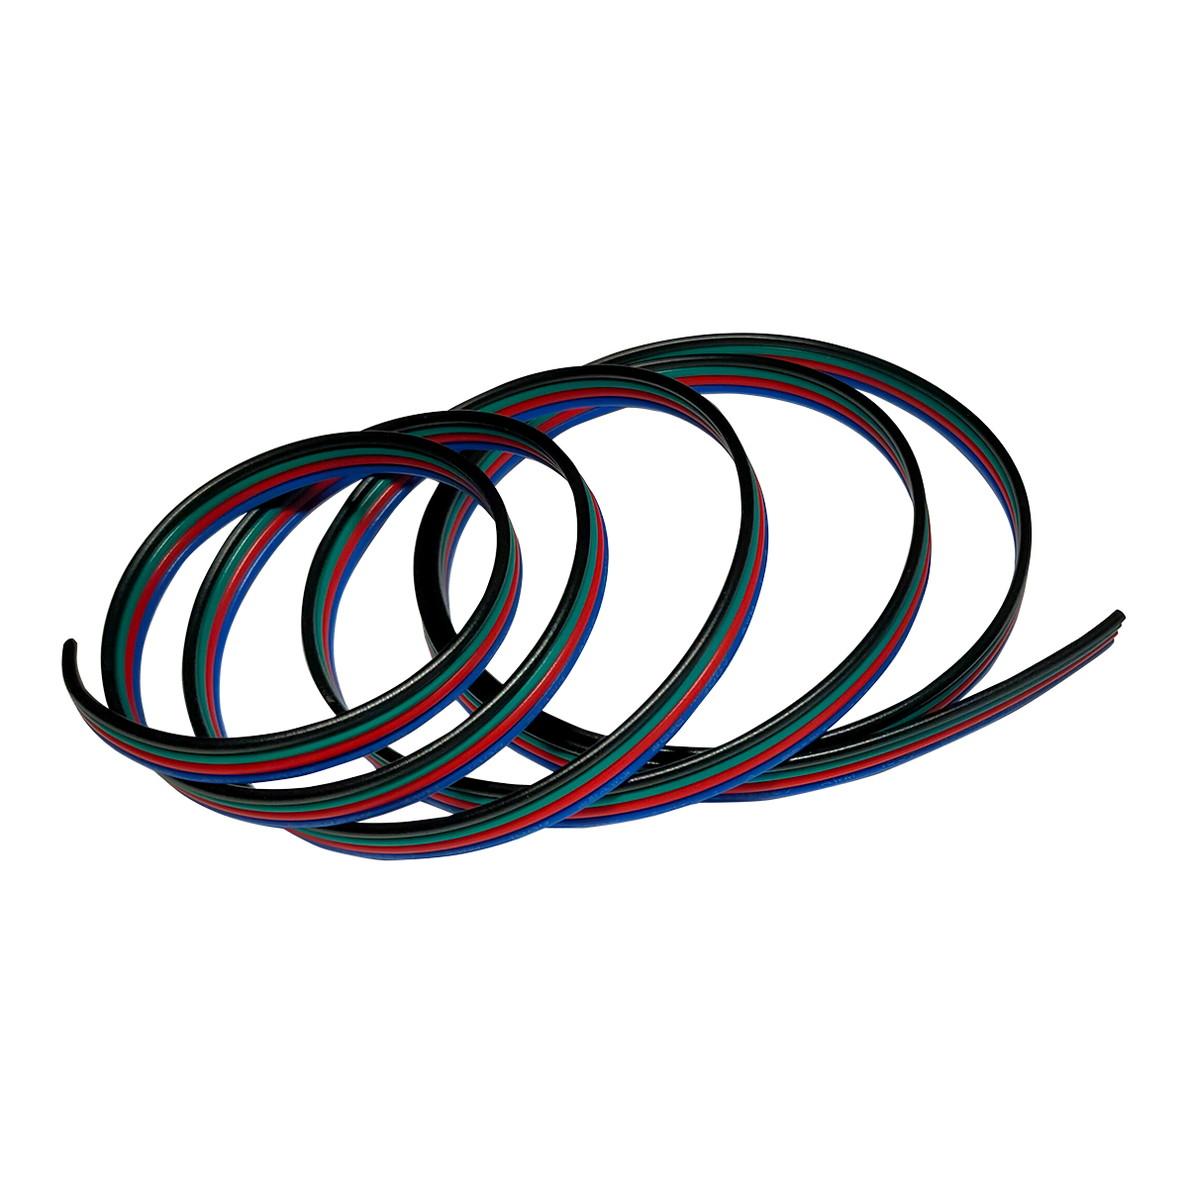 6173(1本) AWG22 電線 [5m] RGB 4芯ケーブル (青・赤・緑・黒)